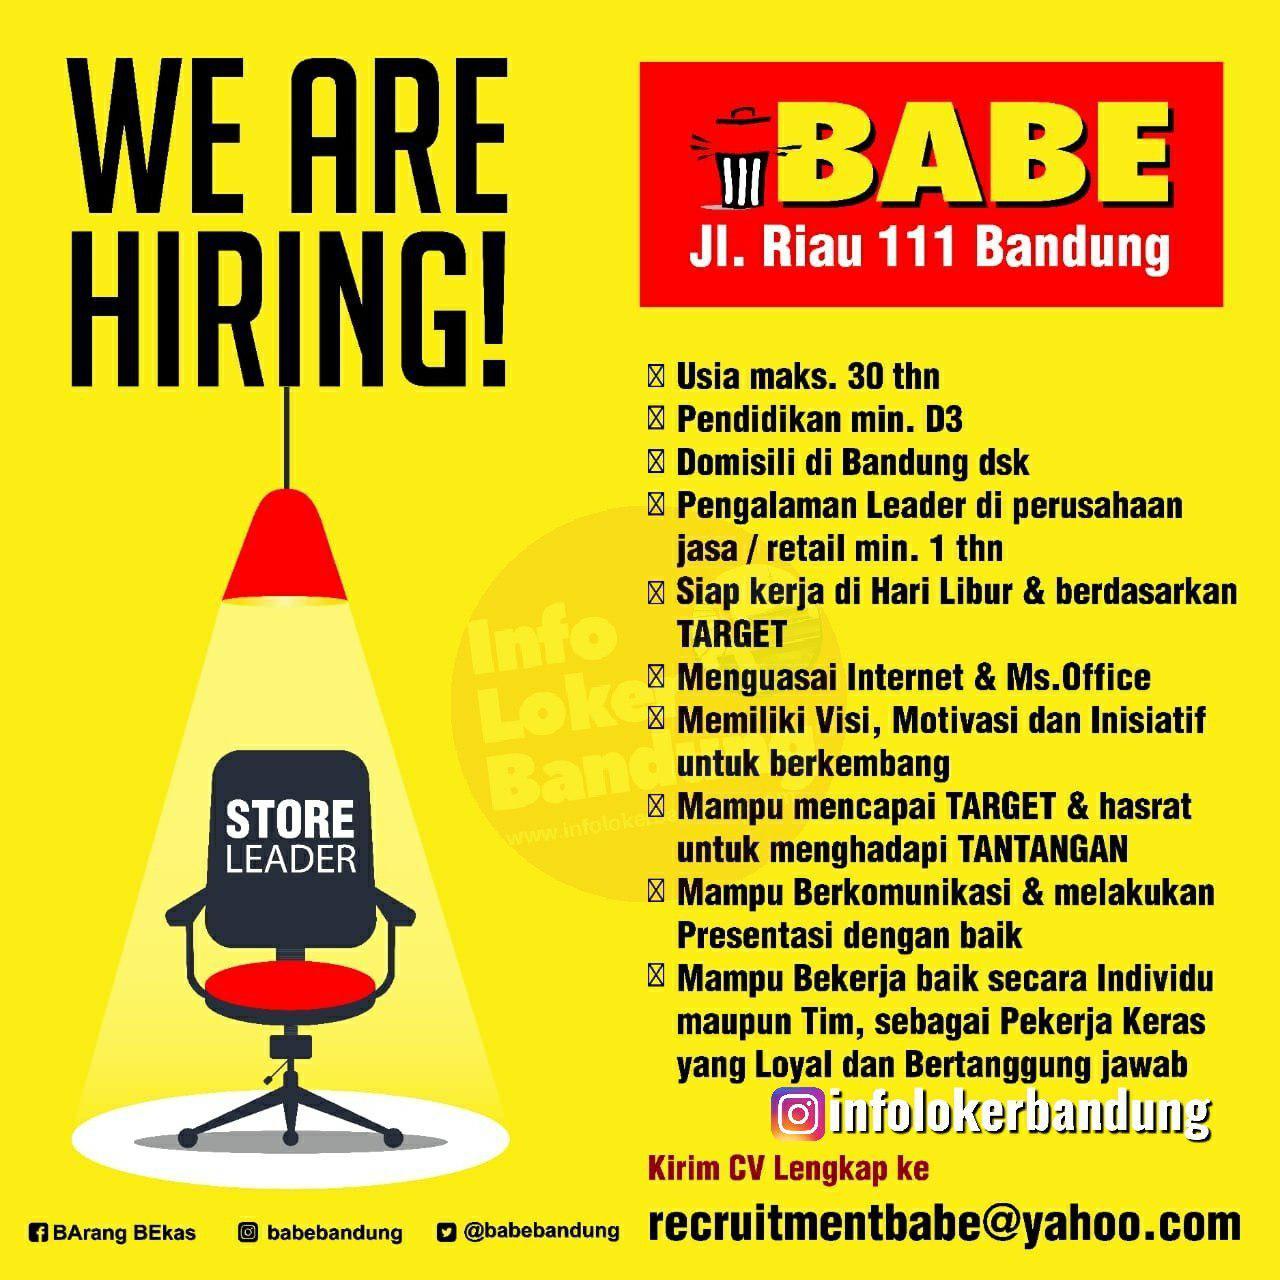 Lowongan Kerja Store Leader Babe Bandung Agustus 2019